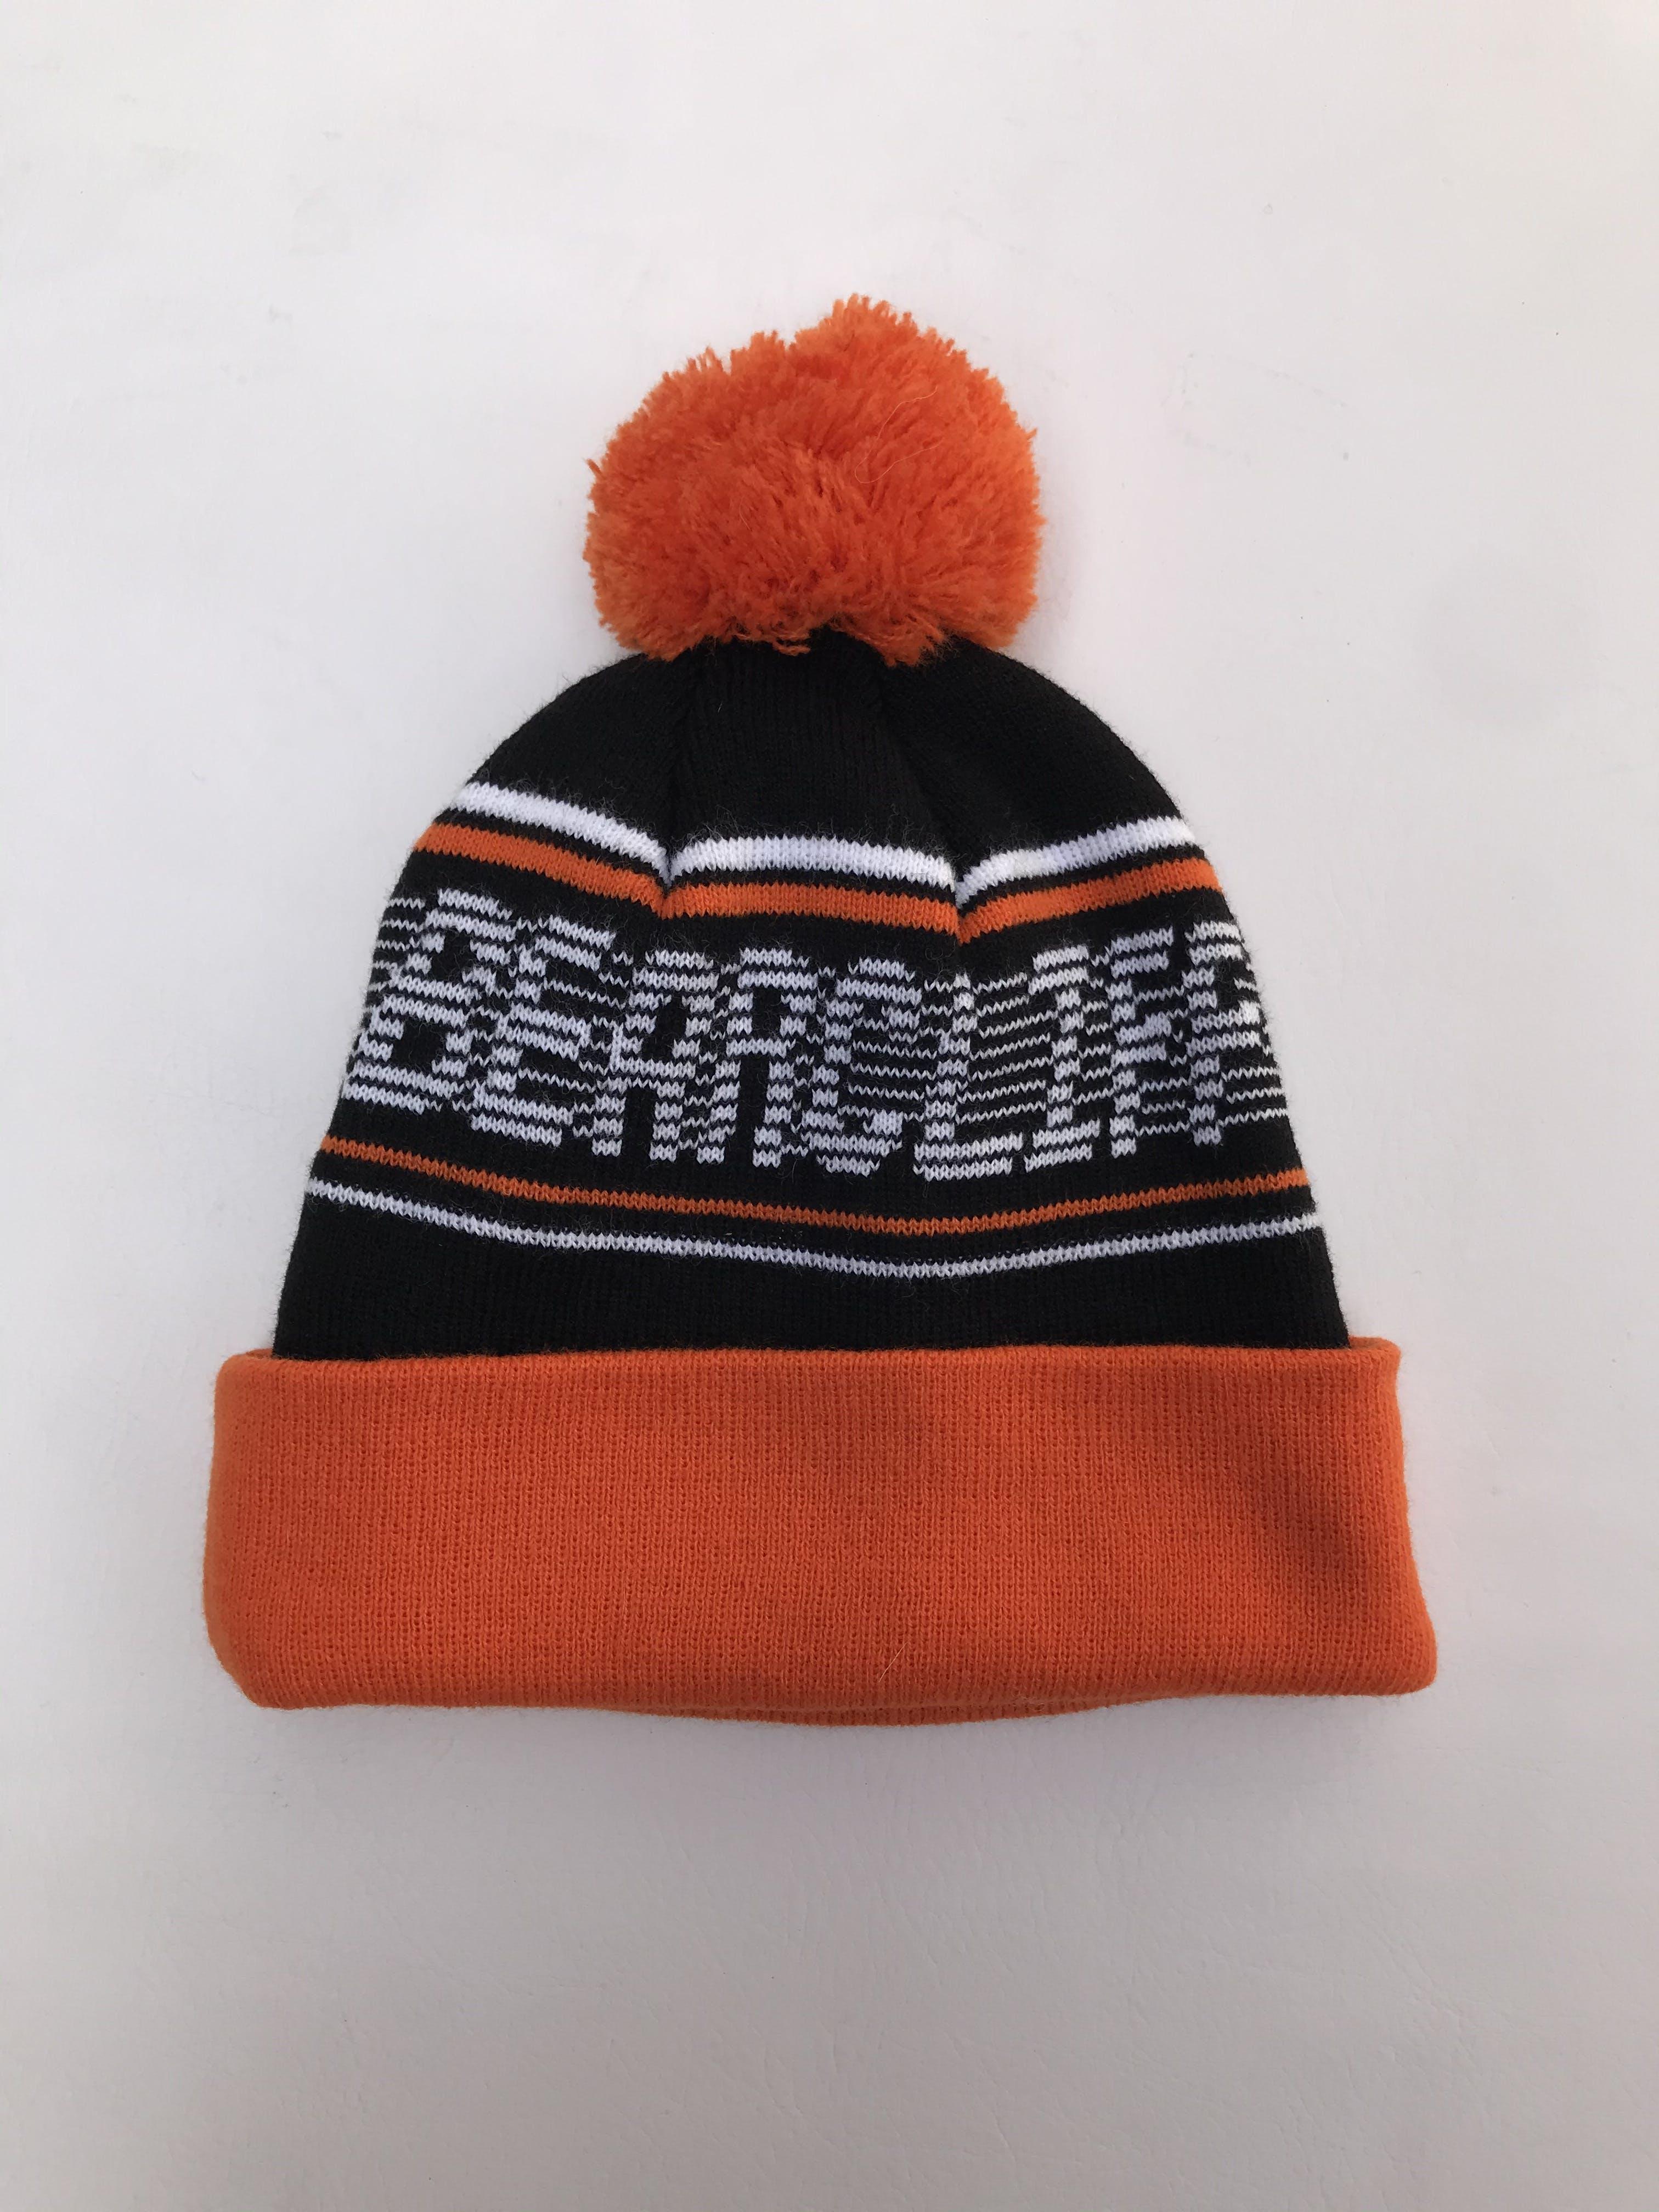 Beanie negro con detalles blancos y anaranjados, pompom y doblez en basta